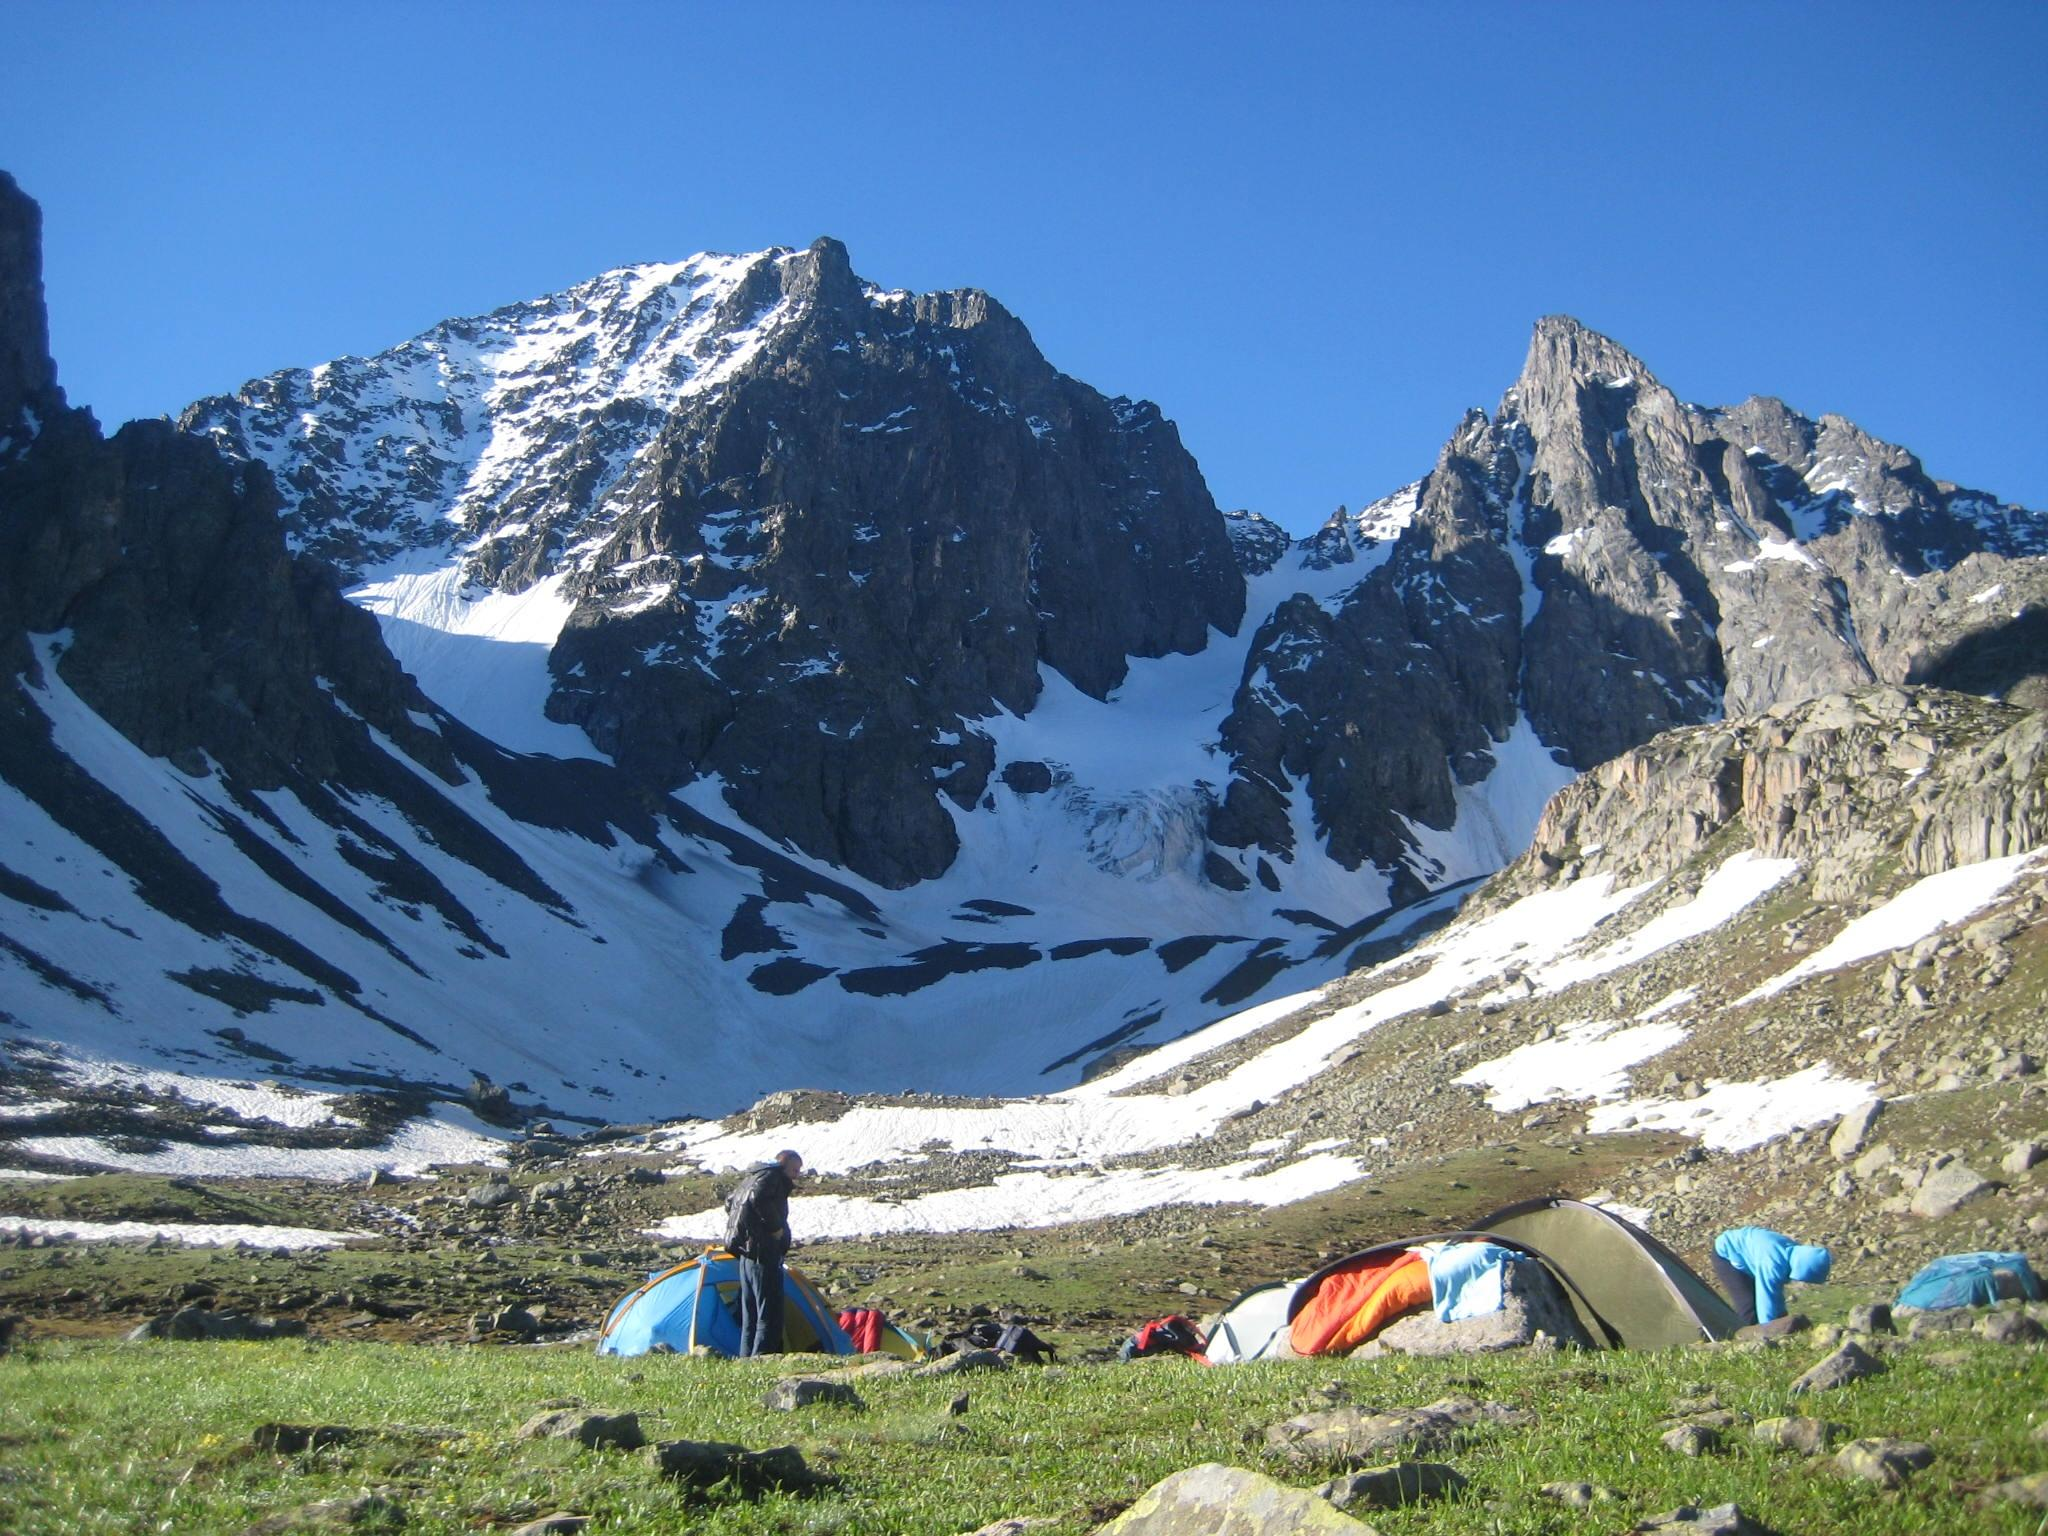 أنشطة عند قمة تشاغران كايا ريزا تركيا